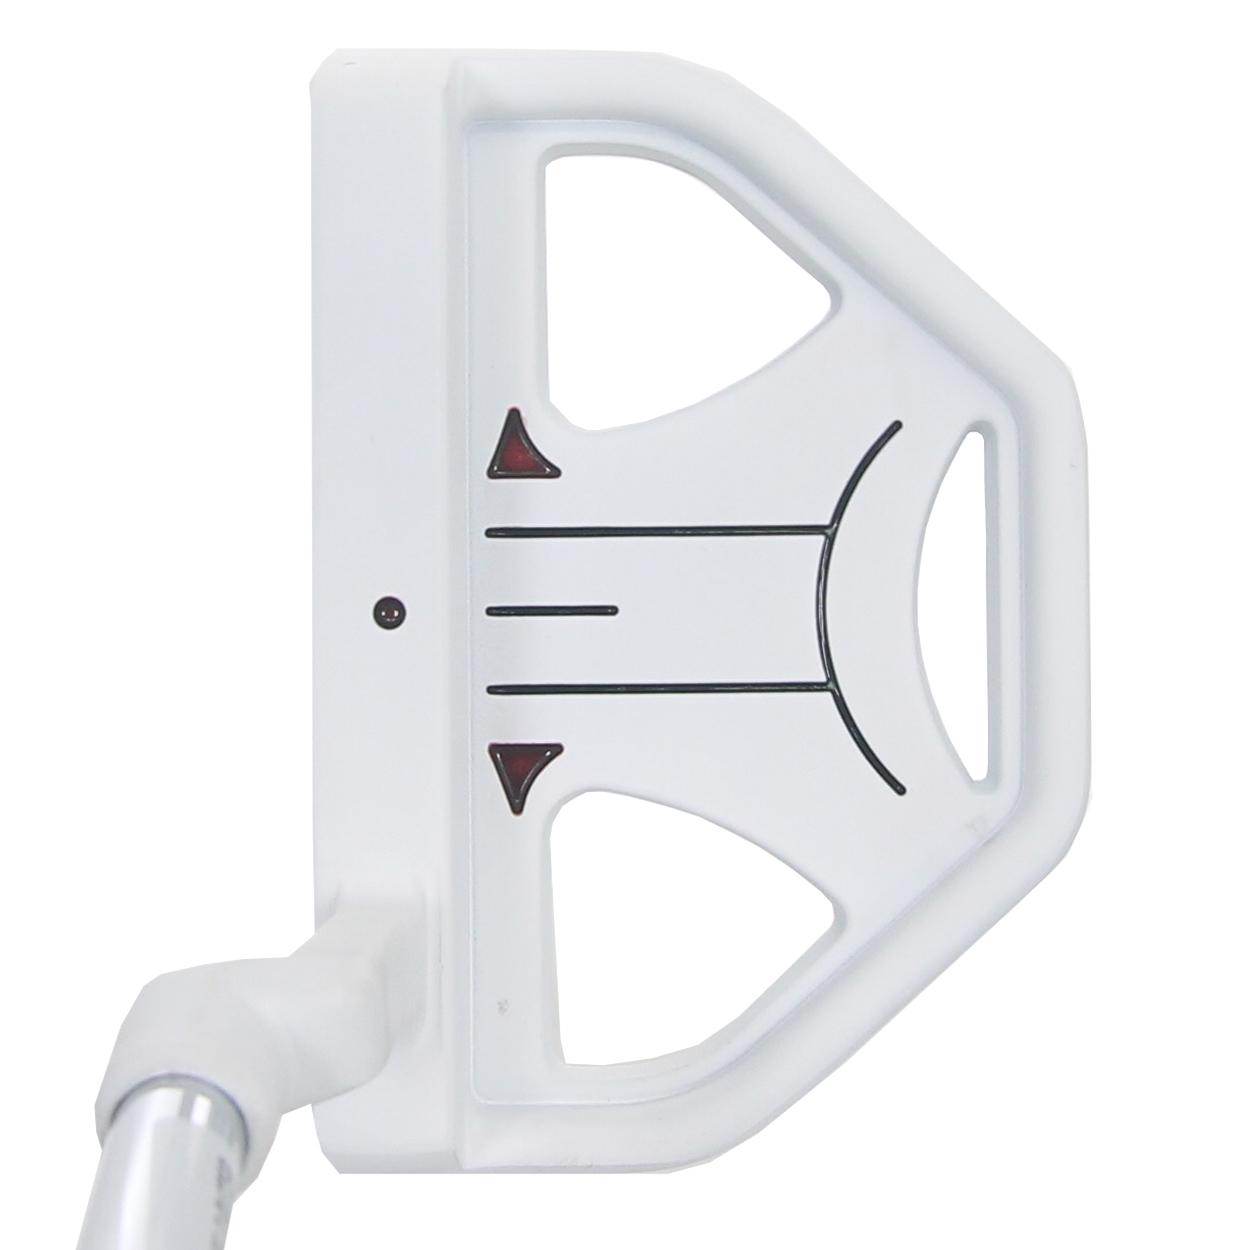 Putter powerbilt serie 2